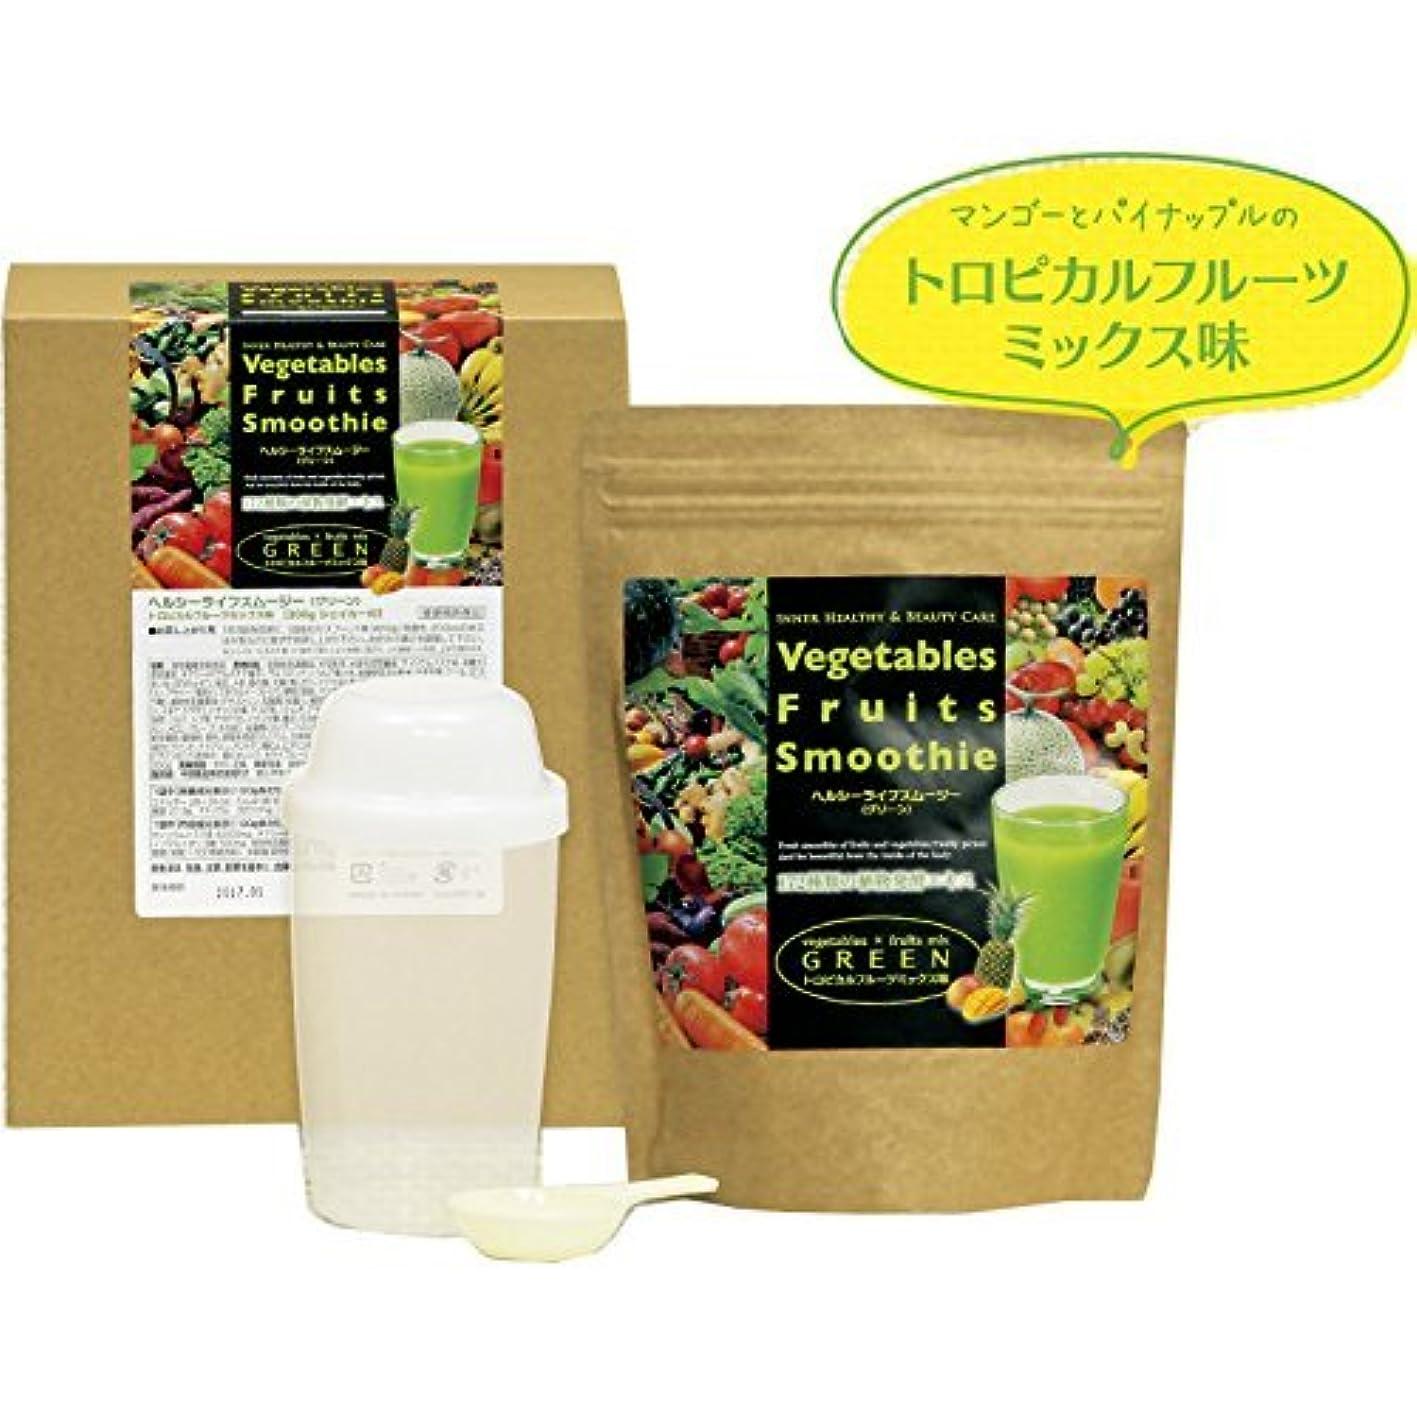 居心地の良いスキャンダラス取り組むVegetables Fruits Smoothie ヘルシーライフスムージー(グリーン)トロピカルフルーツミックス味(300g シェイカー付) 日本製